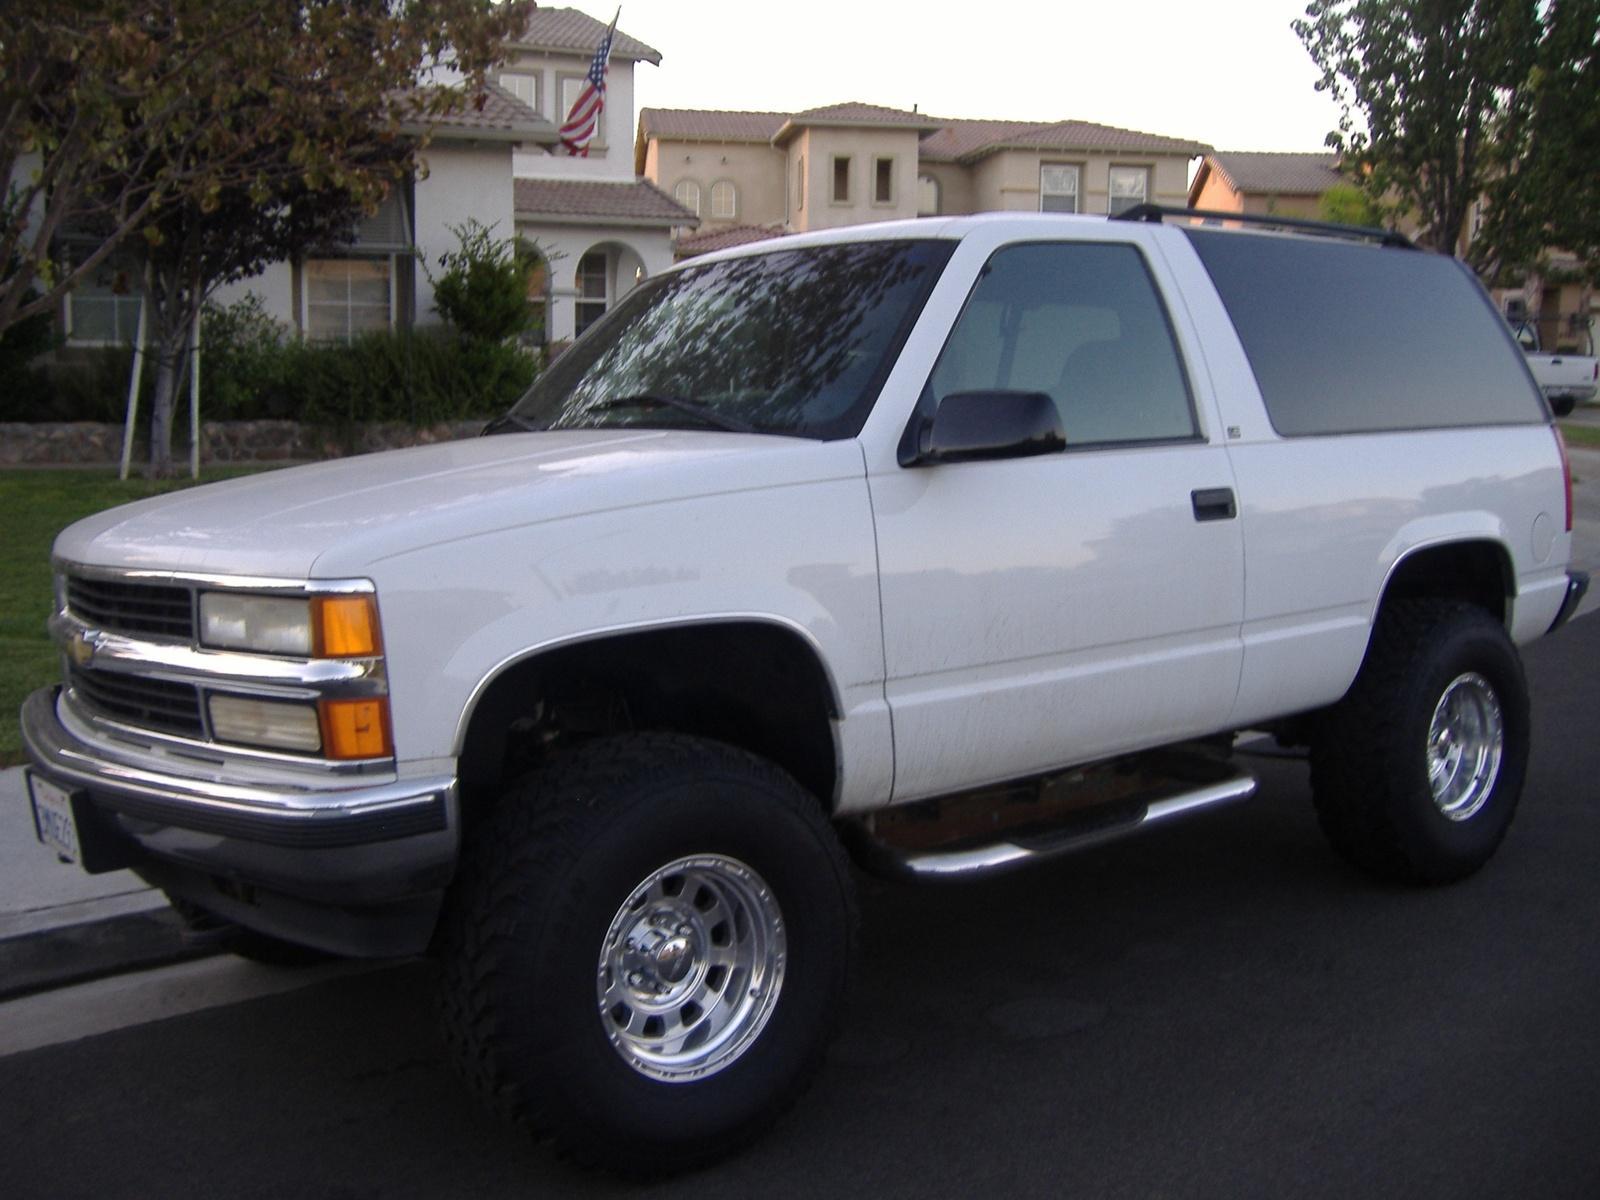 1995 Chevrolet Tahoe Image 8